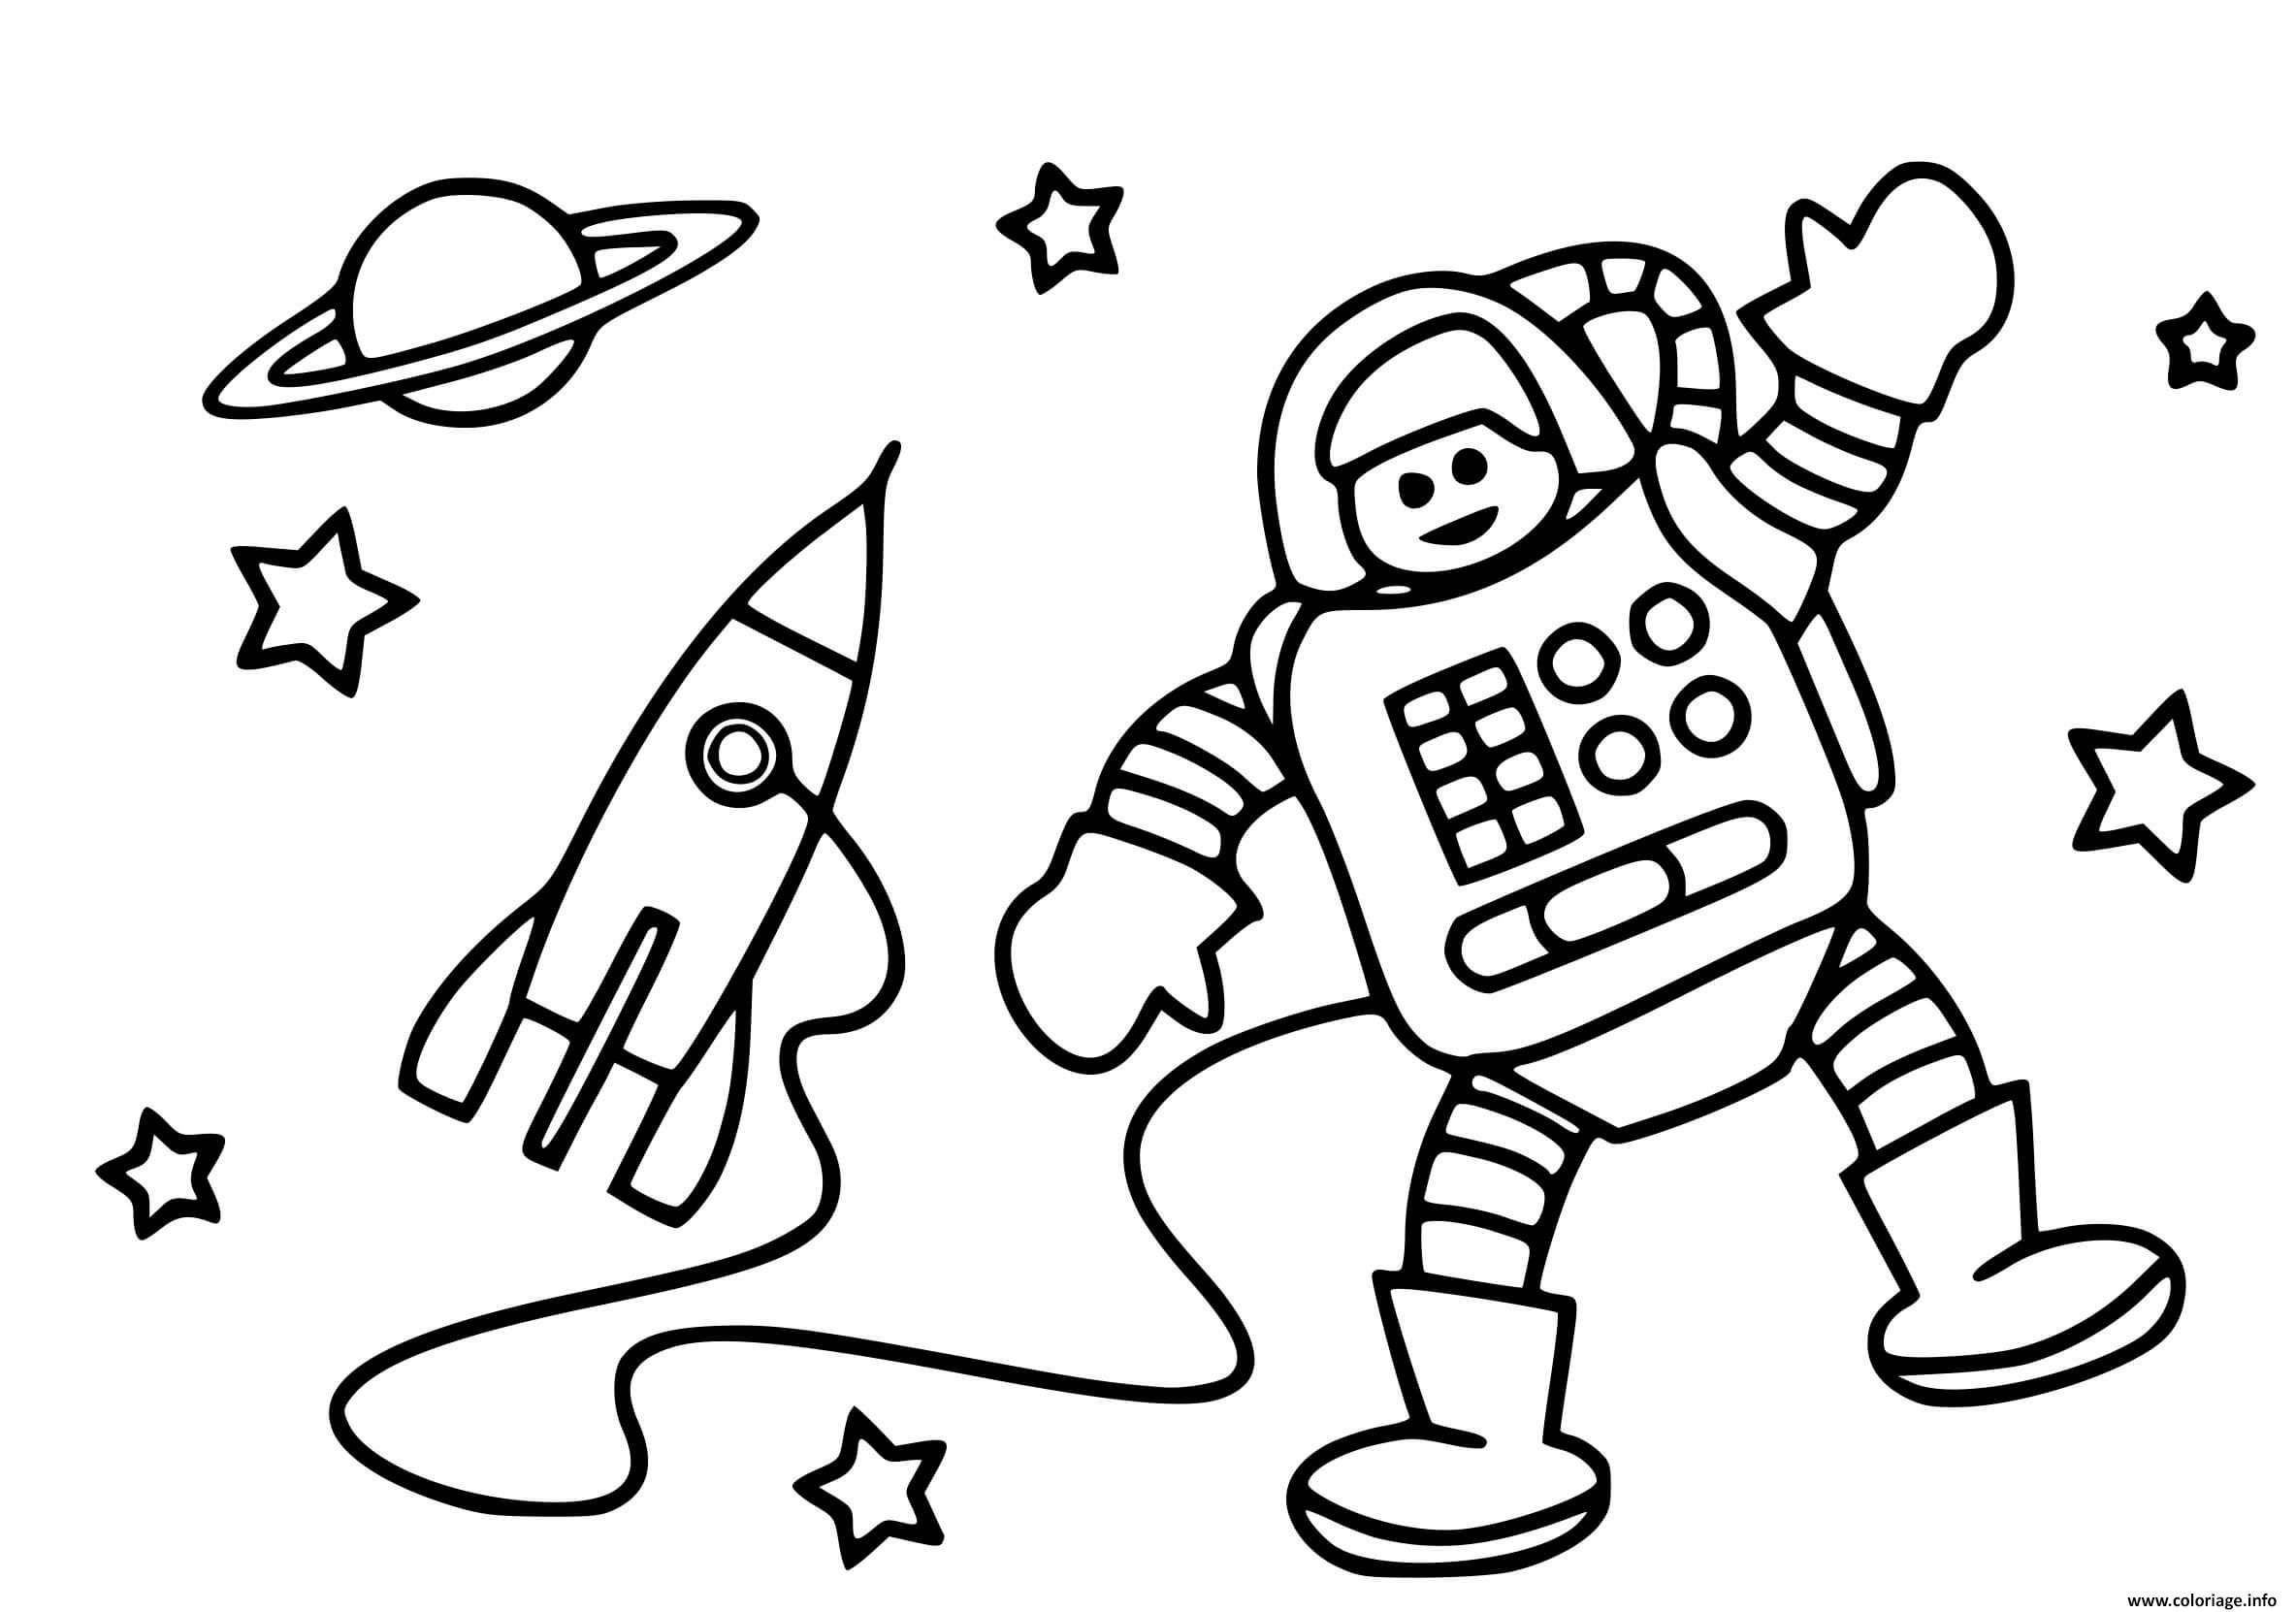 Dessin fusee astronaute espace Coloriage Gratuit à Imprimer